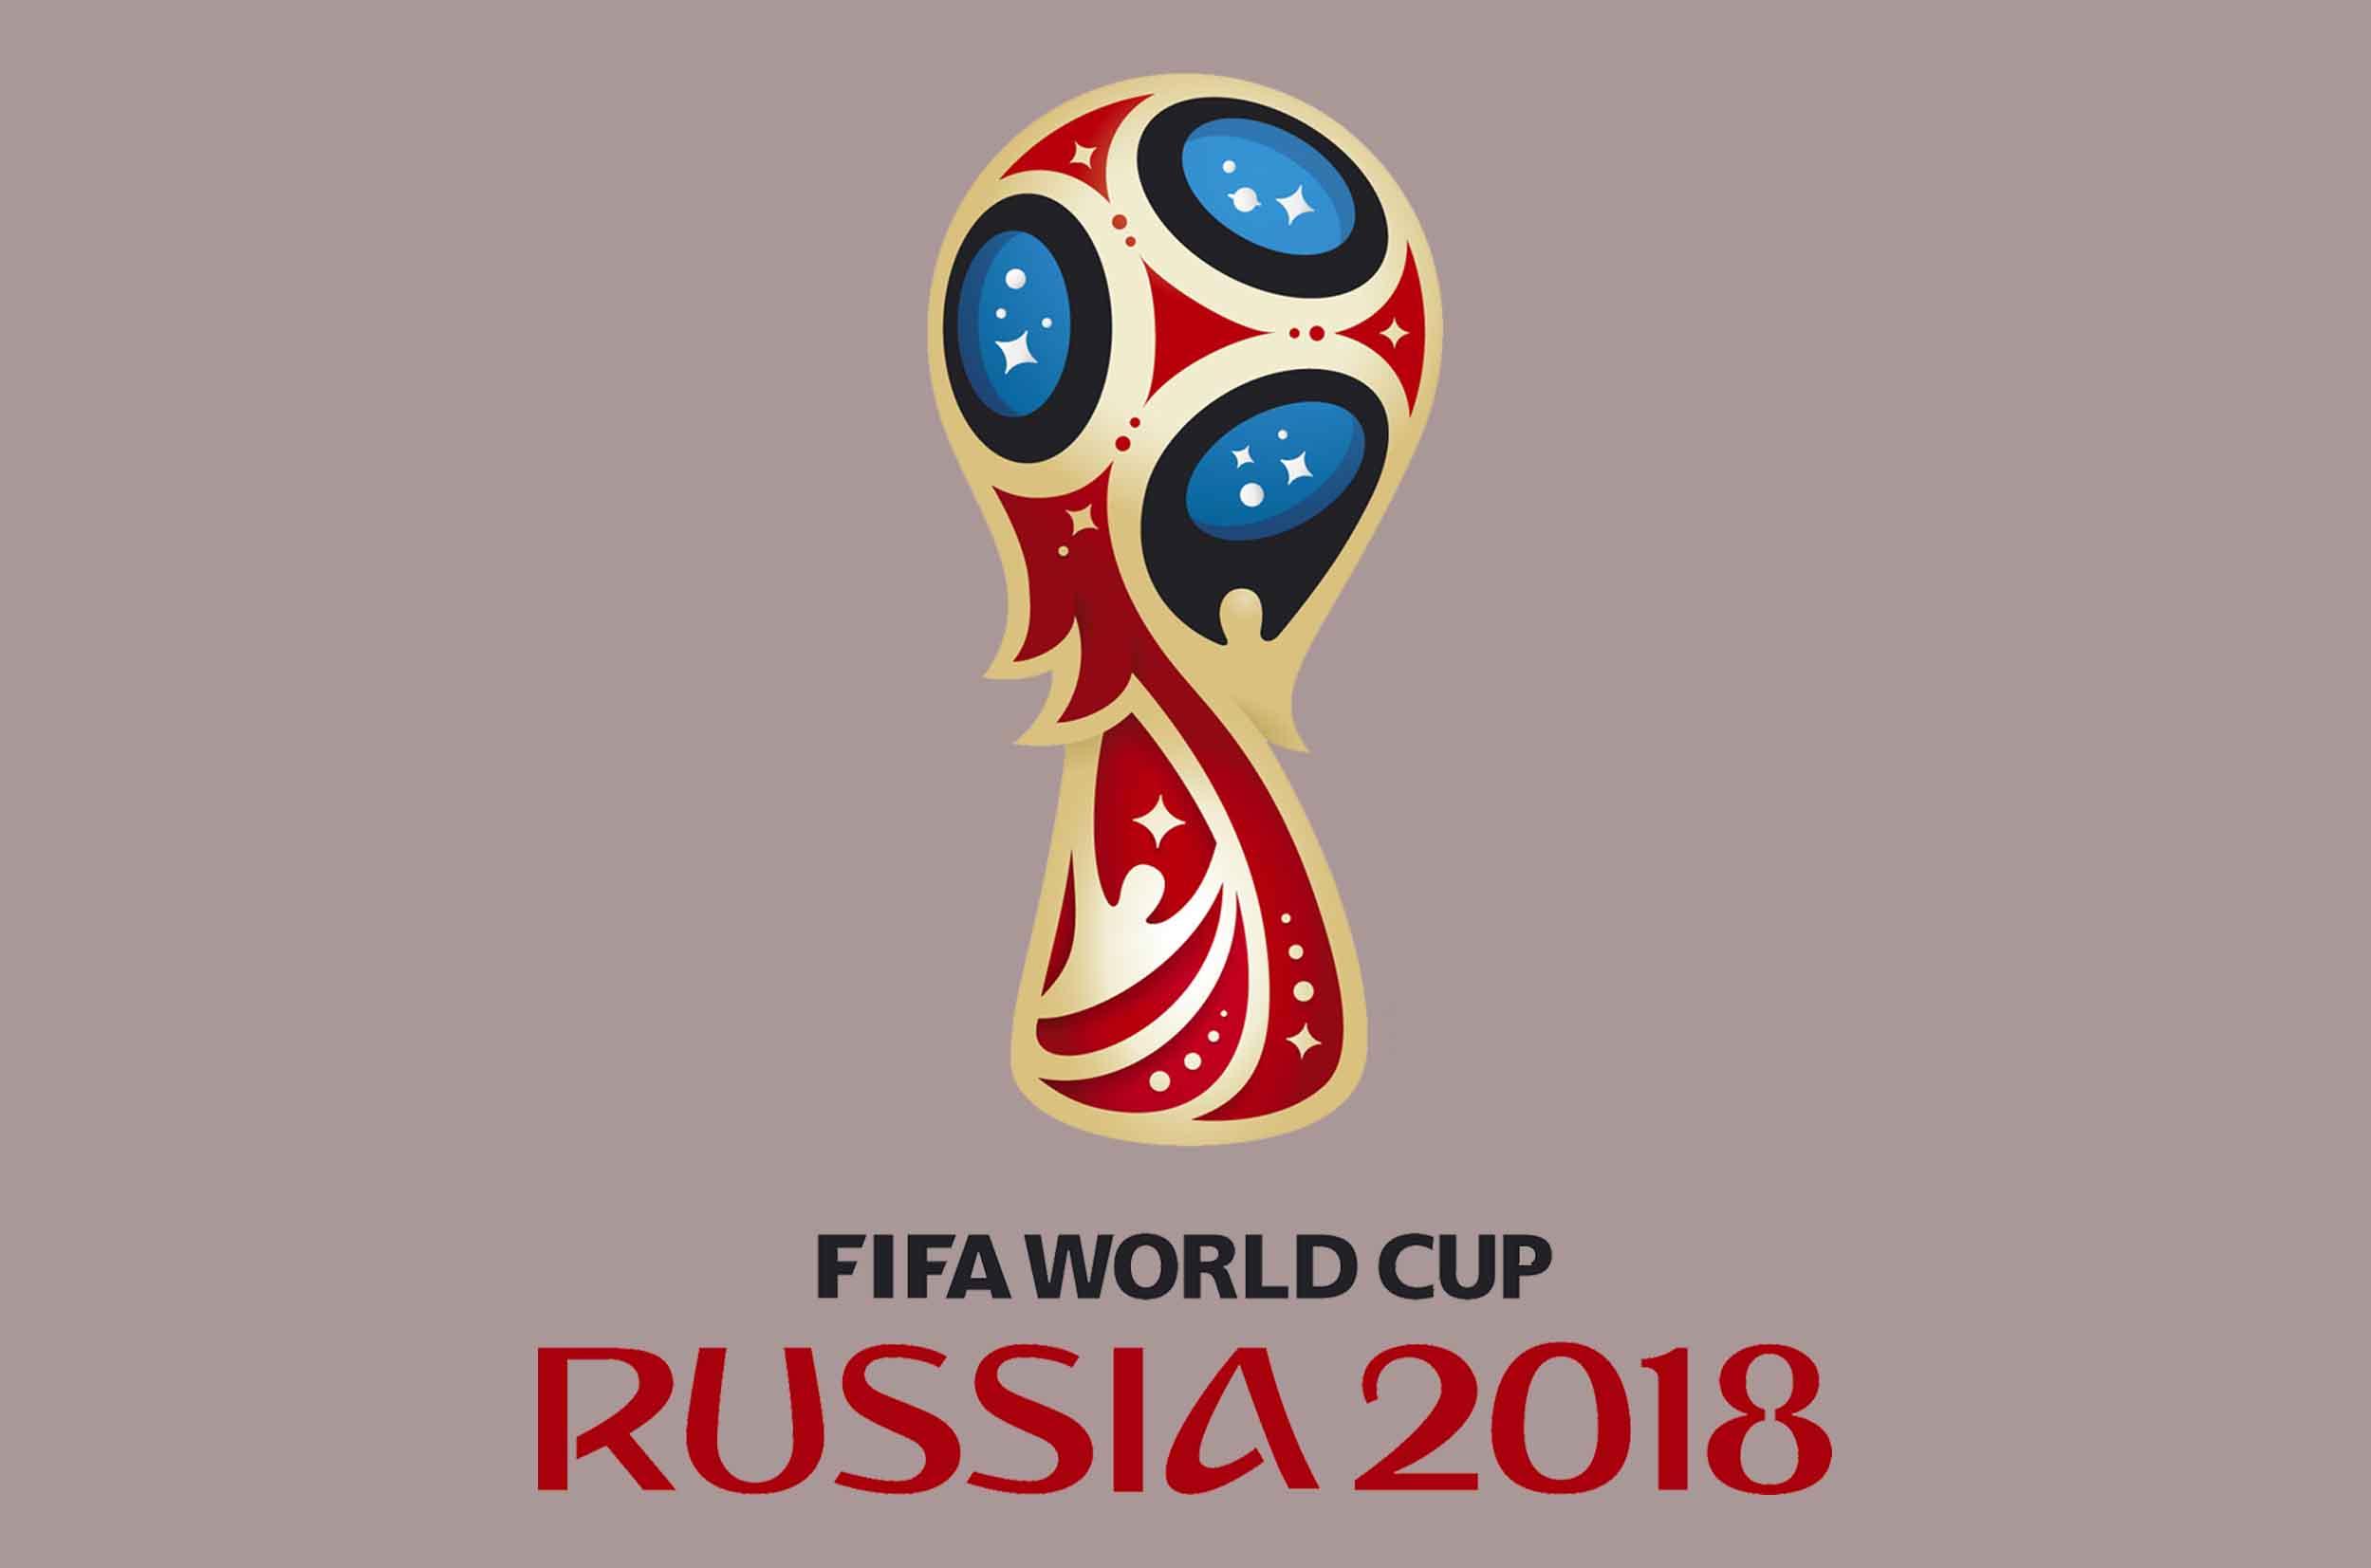 Casino juegos de Microgaming las mejores predicciones de futbol-989963